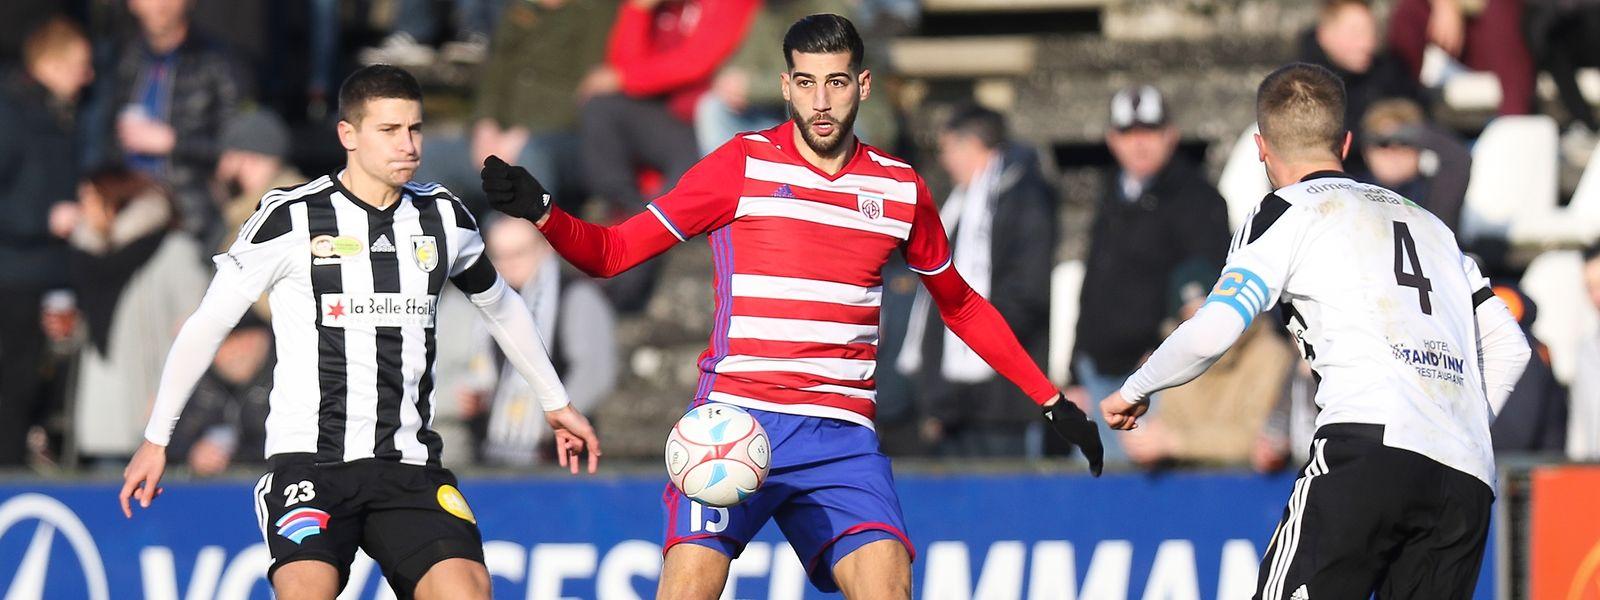 Samir Hadji (M.) und die Escher Fola können im Derby gegen Jeunesse einen großen Schritt Richtung internationales Geschäft machen.